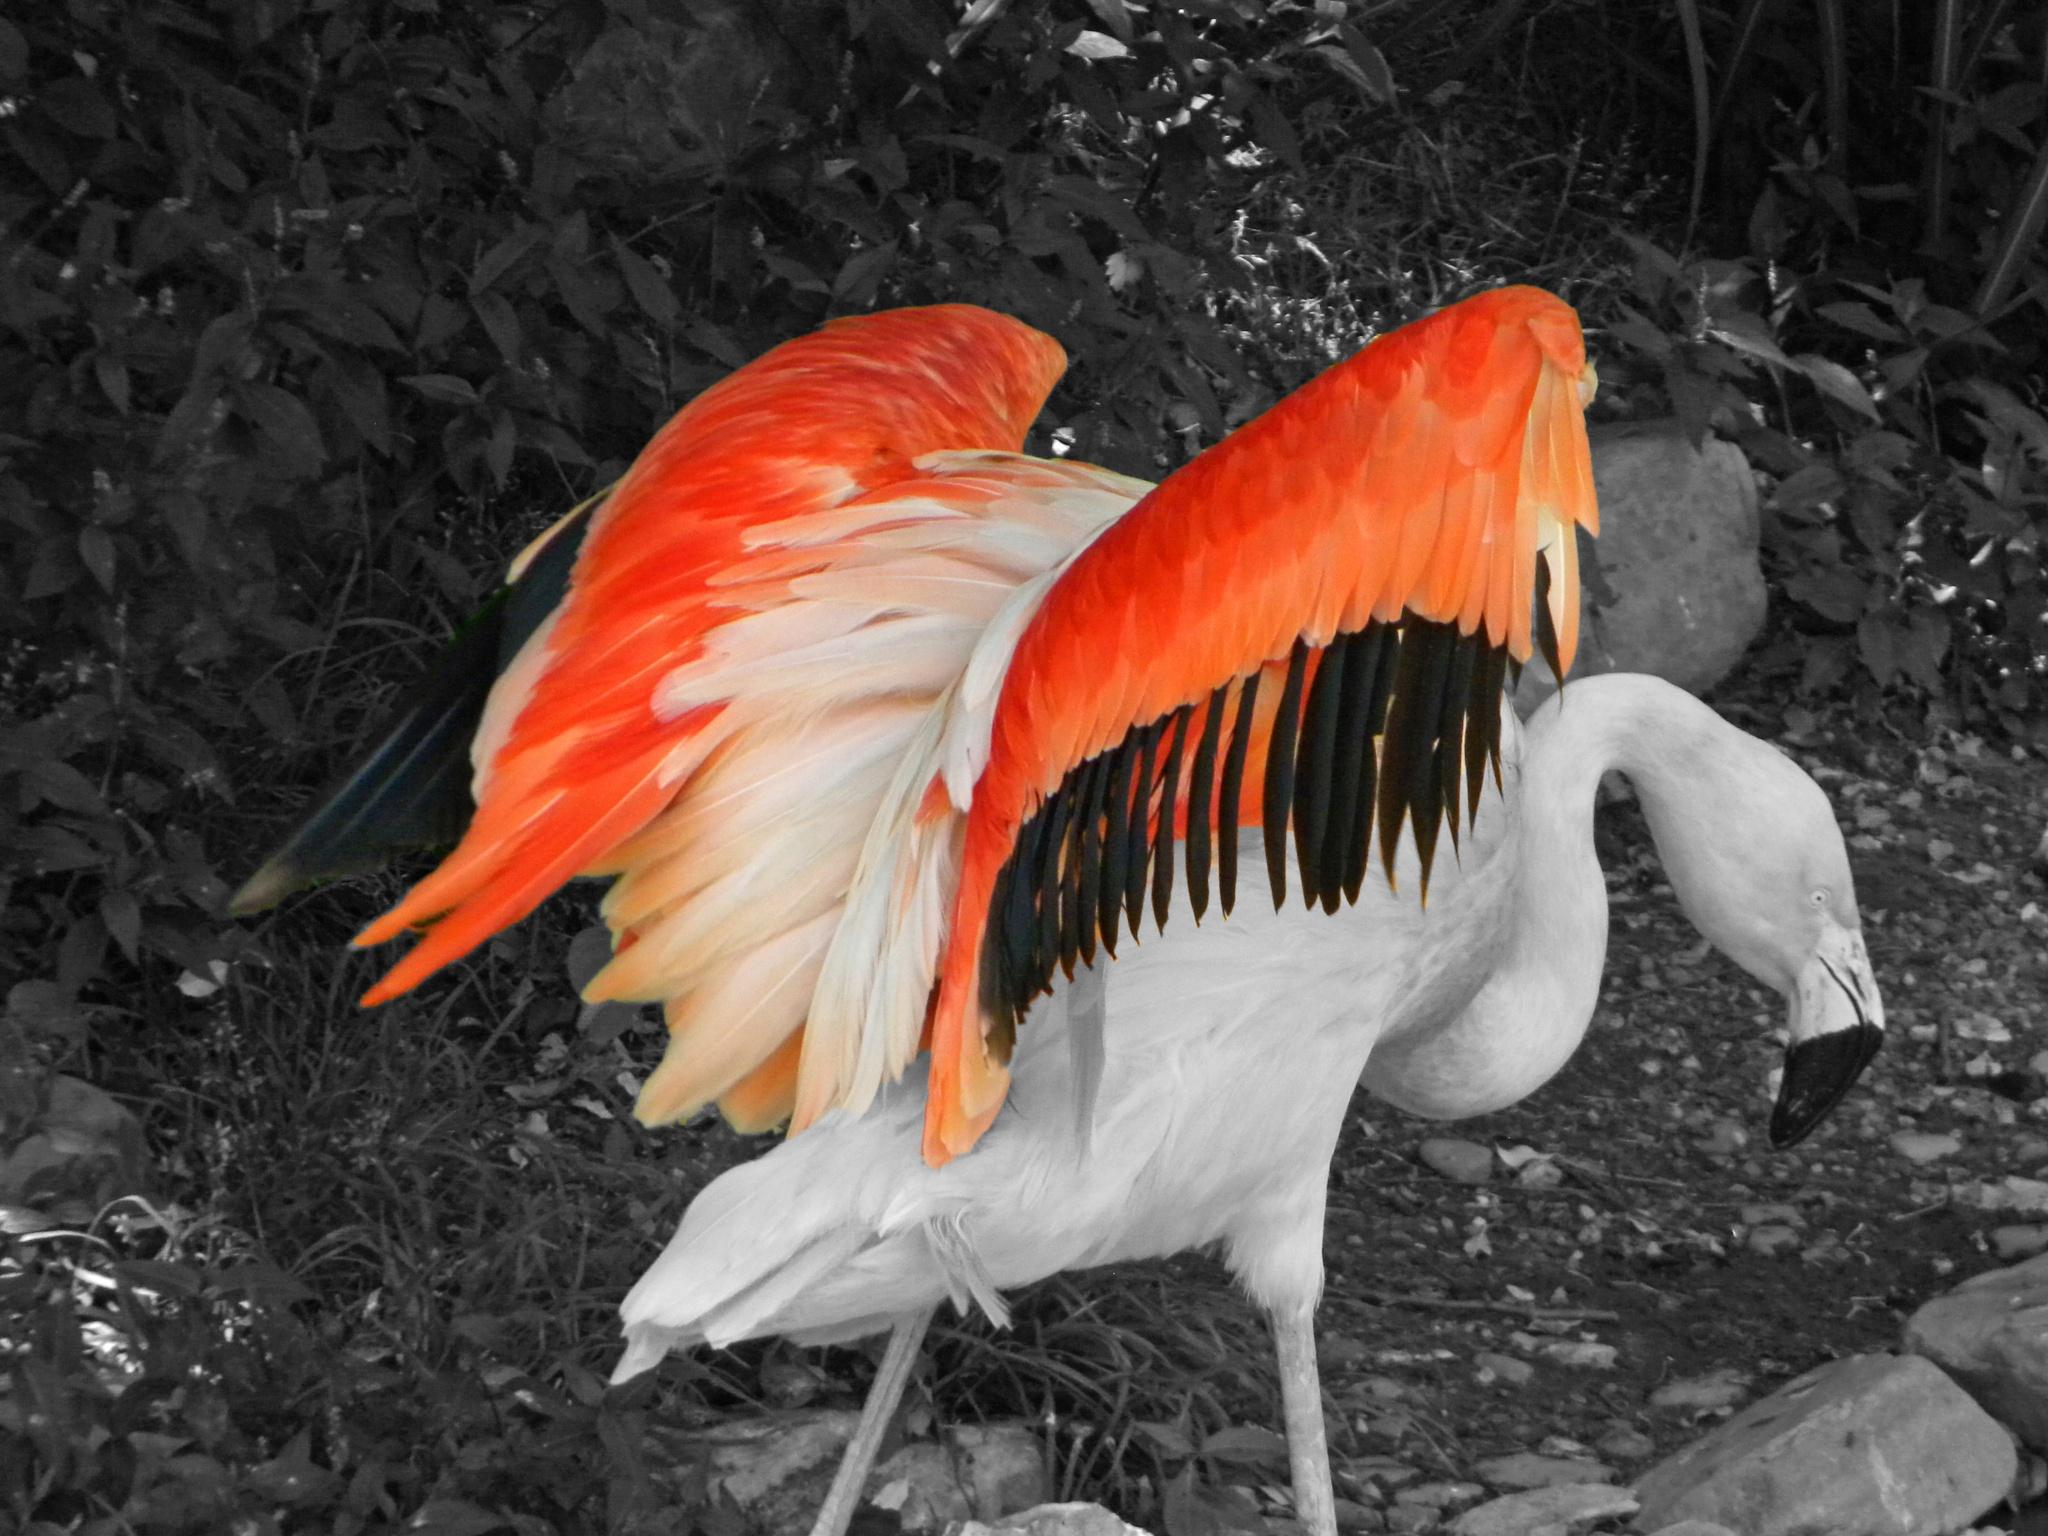 Wings by Phillip W. Strunk